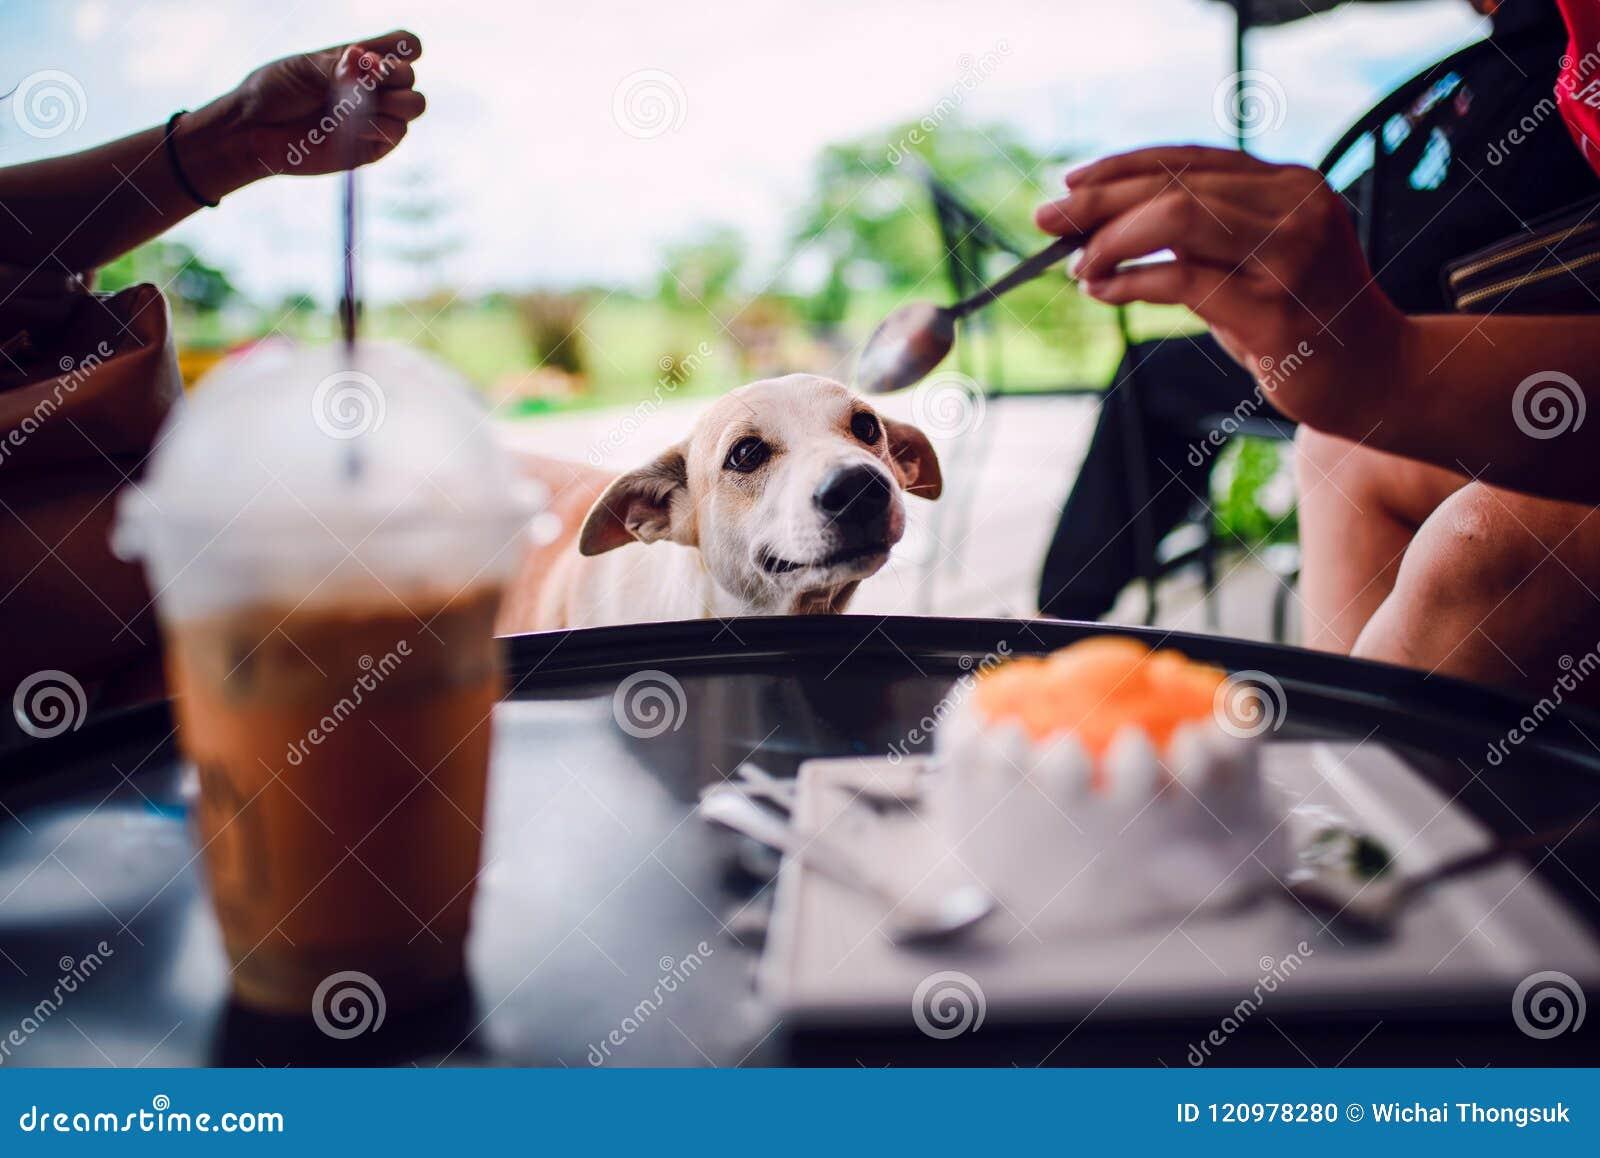 Hund möchte Kuchen essen